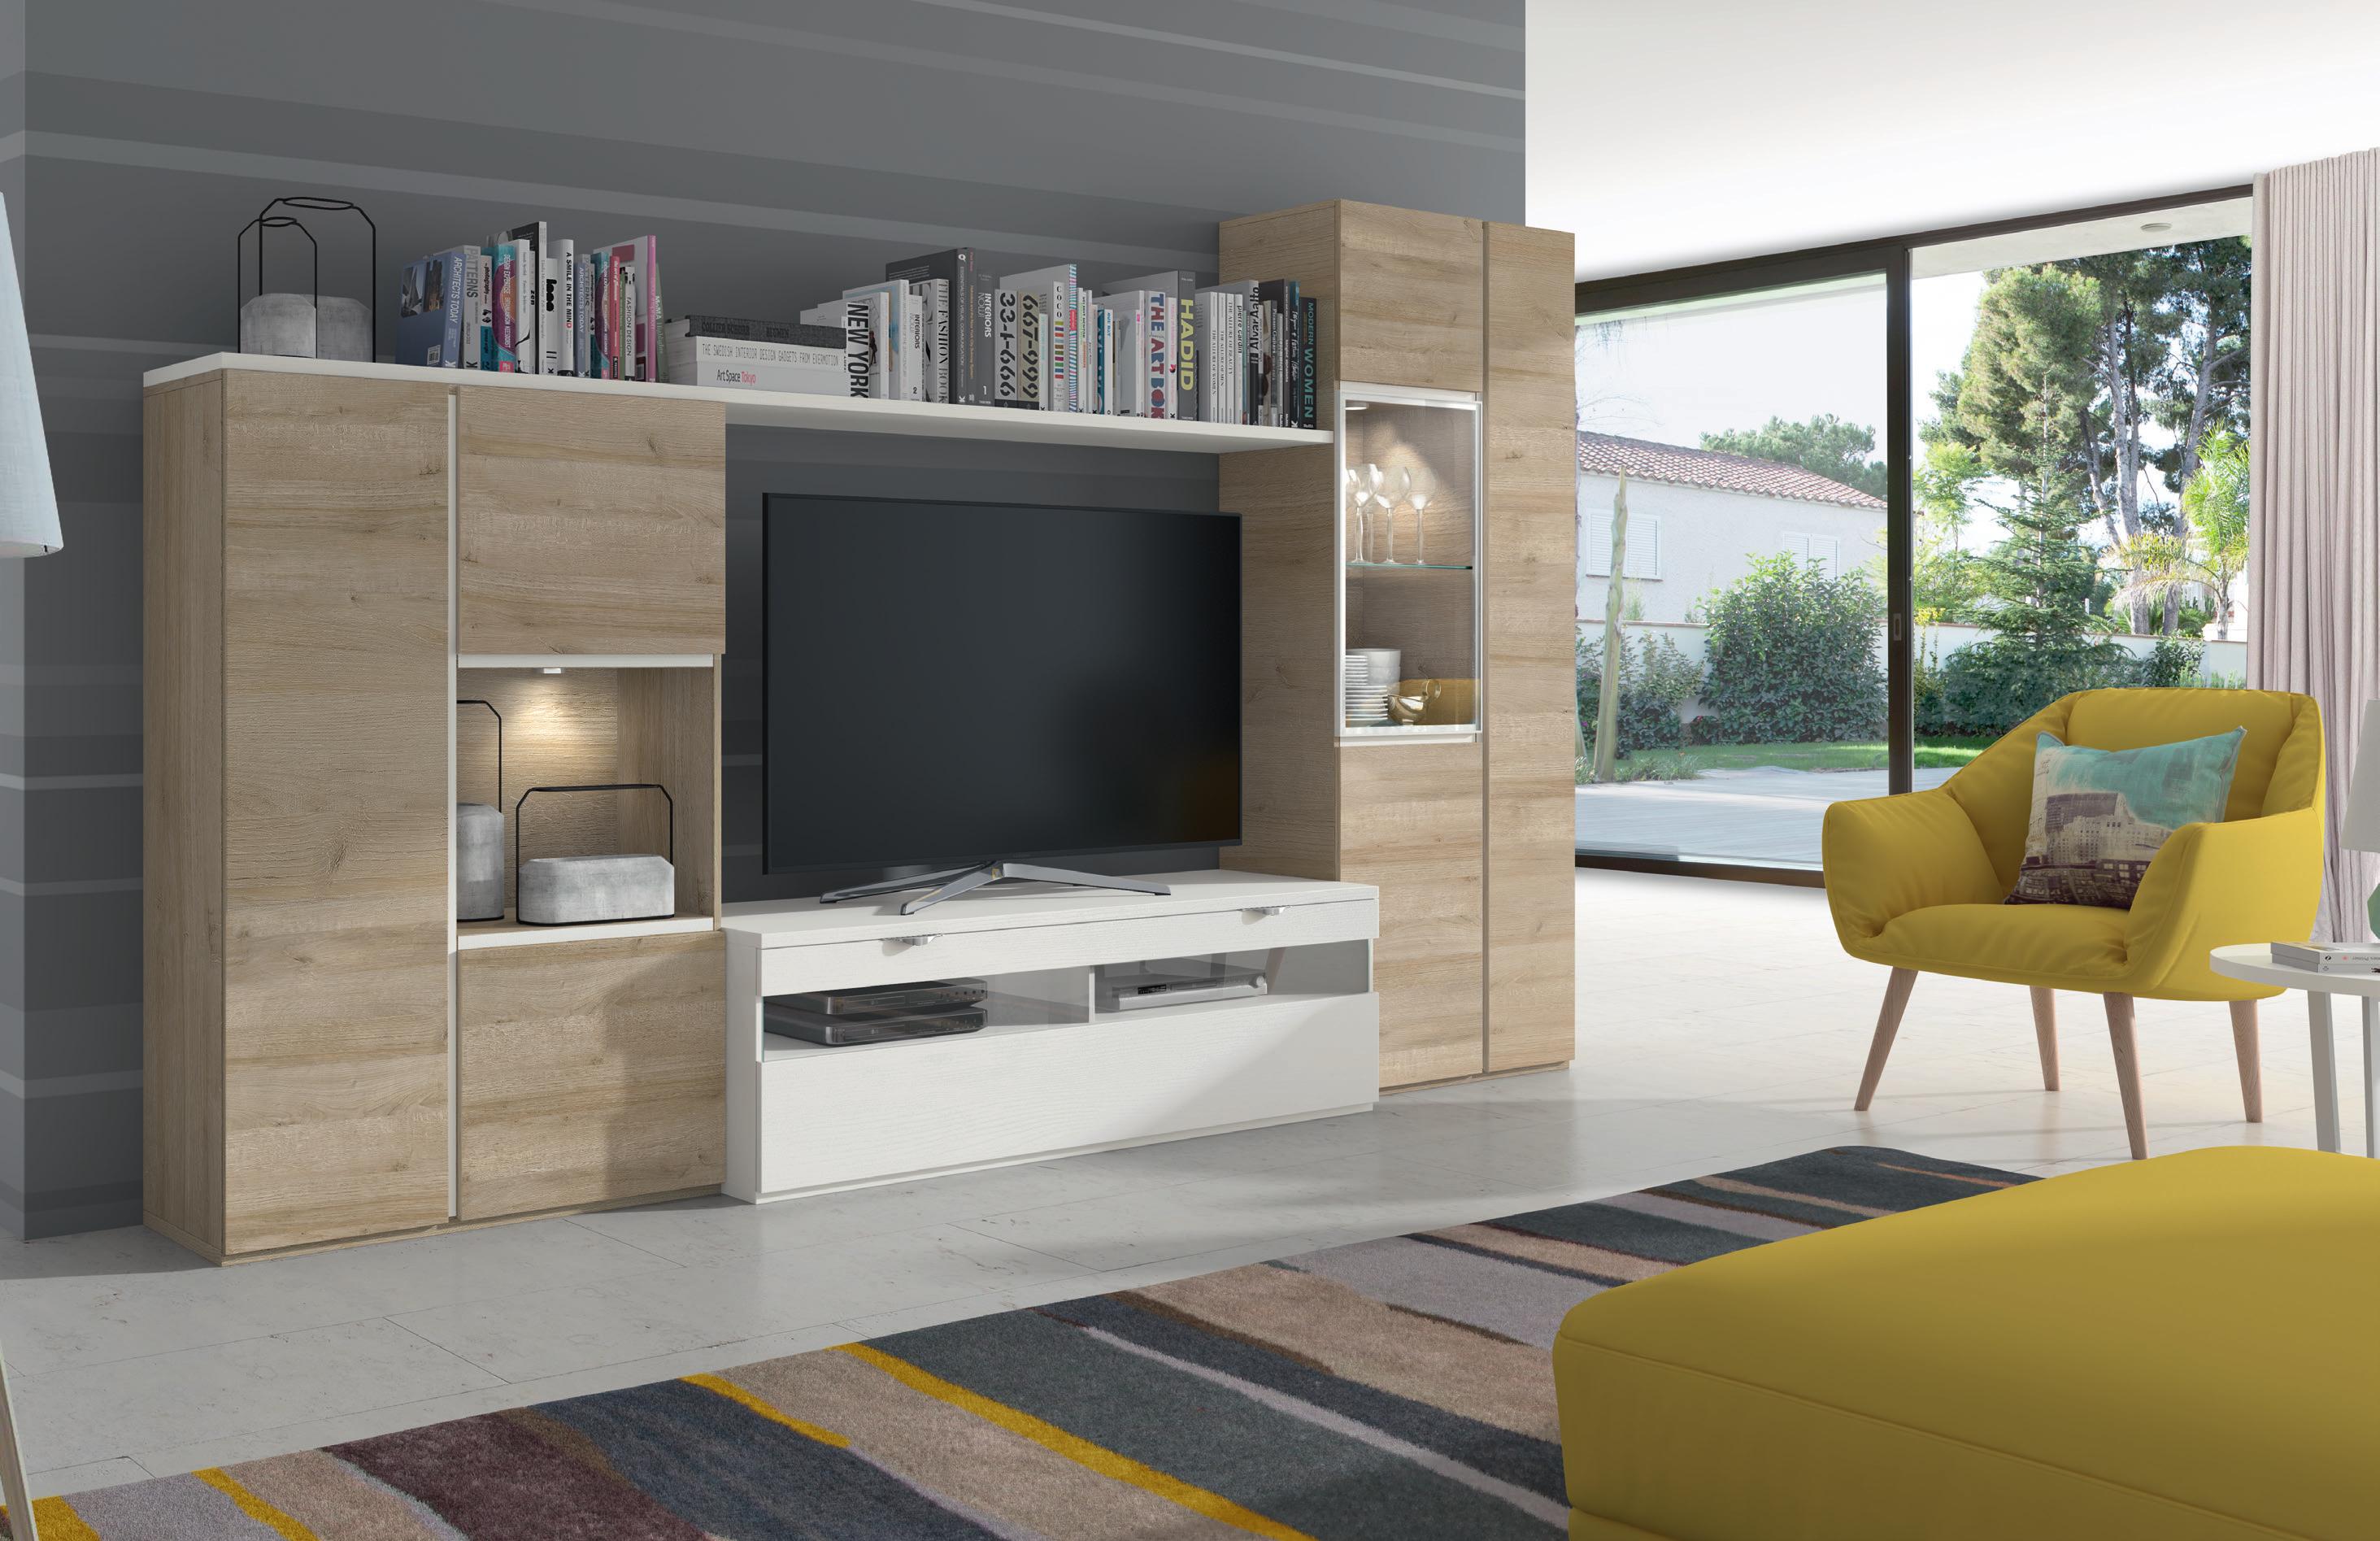 Mueble De Sal N Natural Blanco Poro Muebles Adama Tienda De  # Muebles De Salon